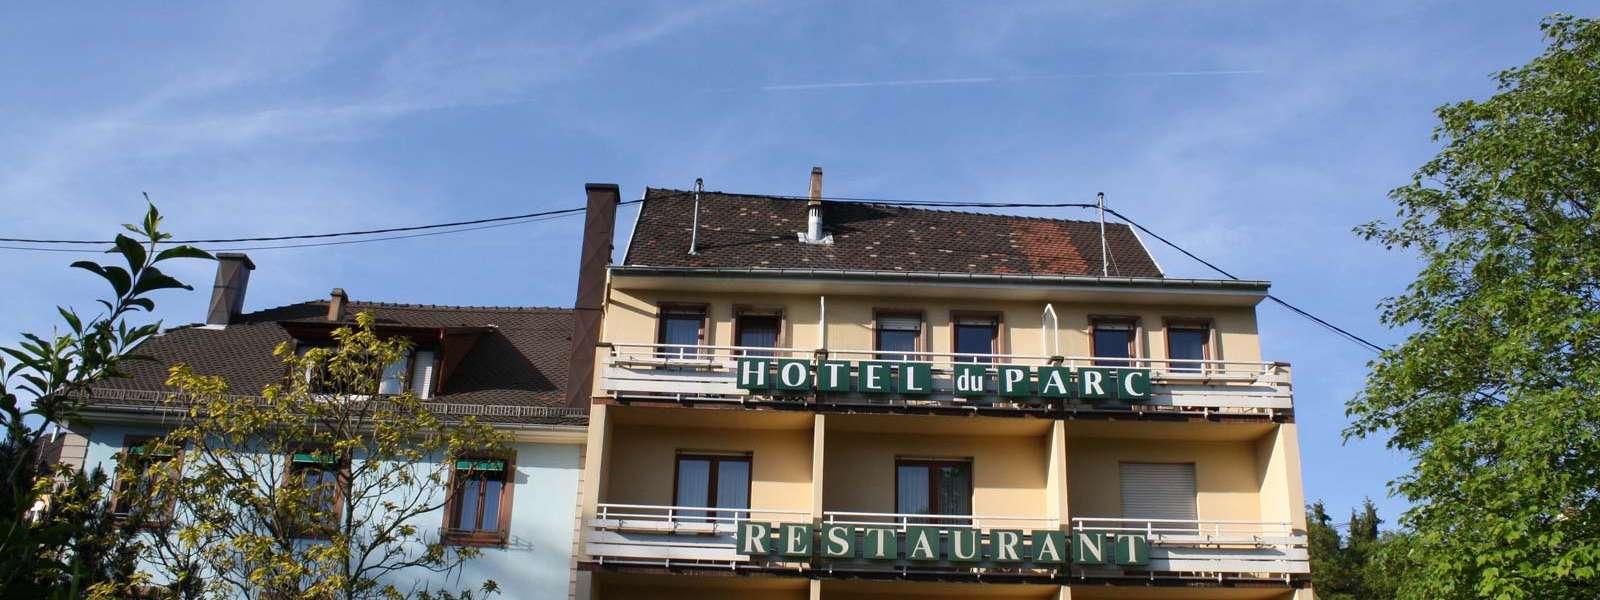 Hôtel du Parc, Niederbronn-les-Bains, Alsace, vue extérieure